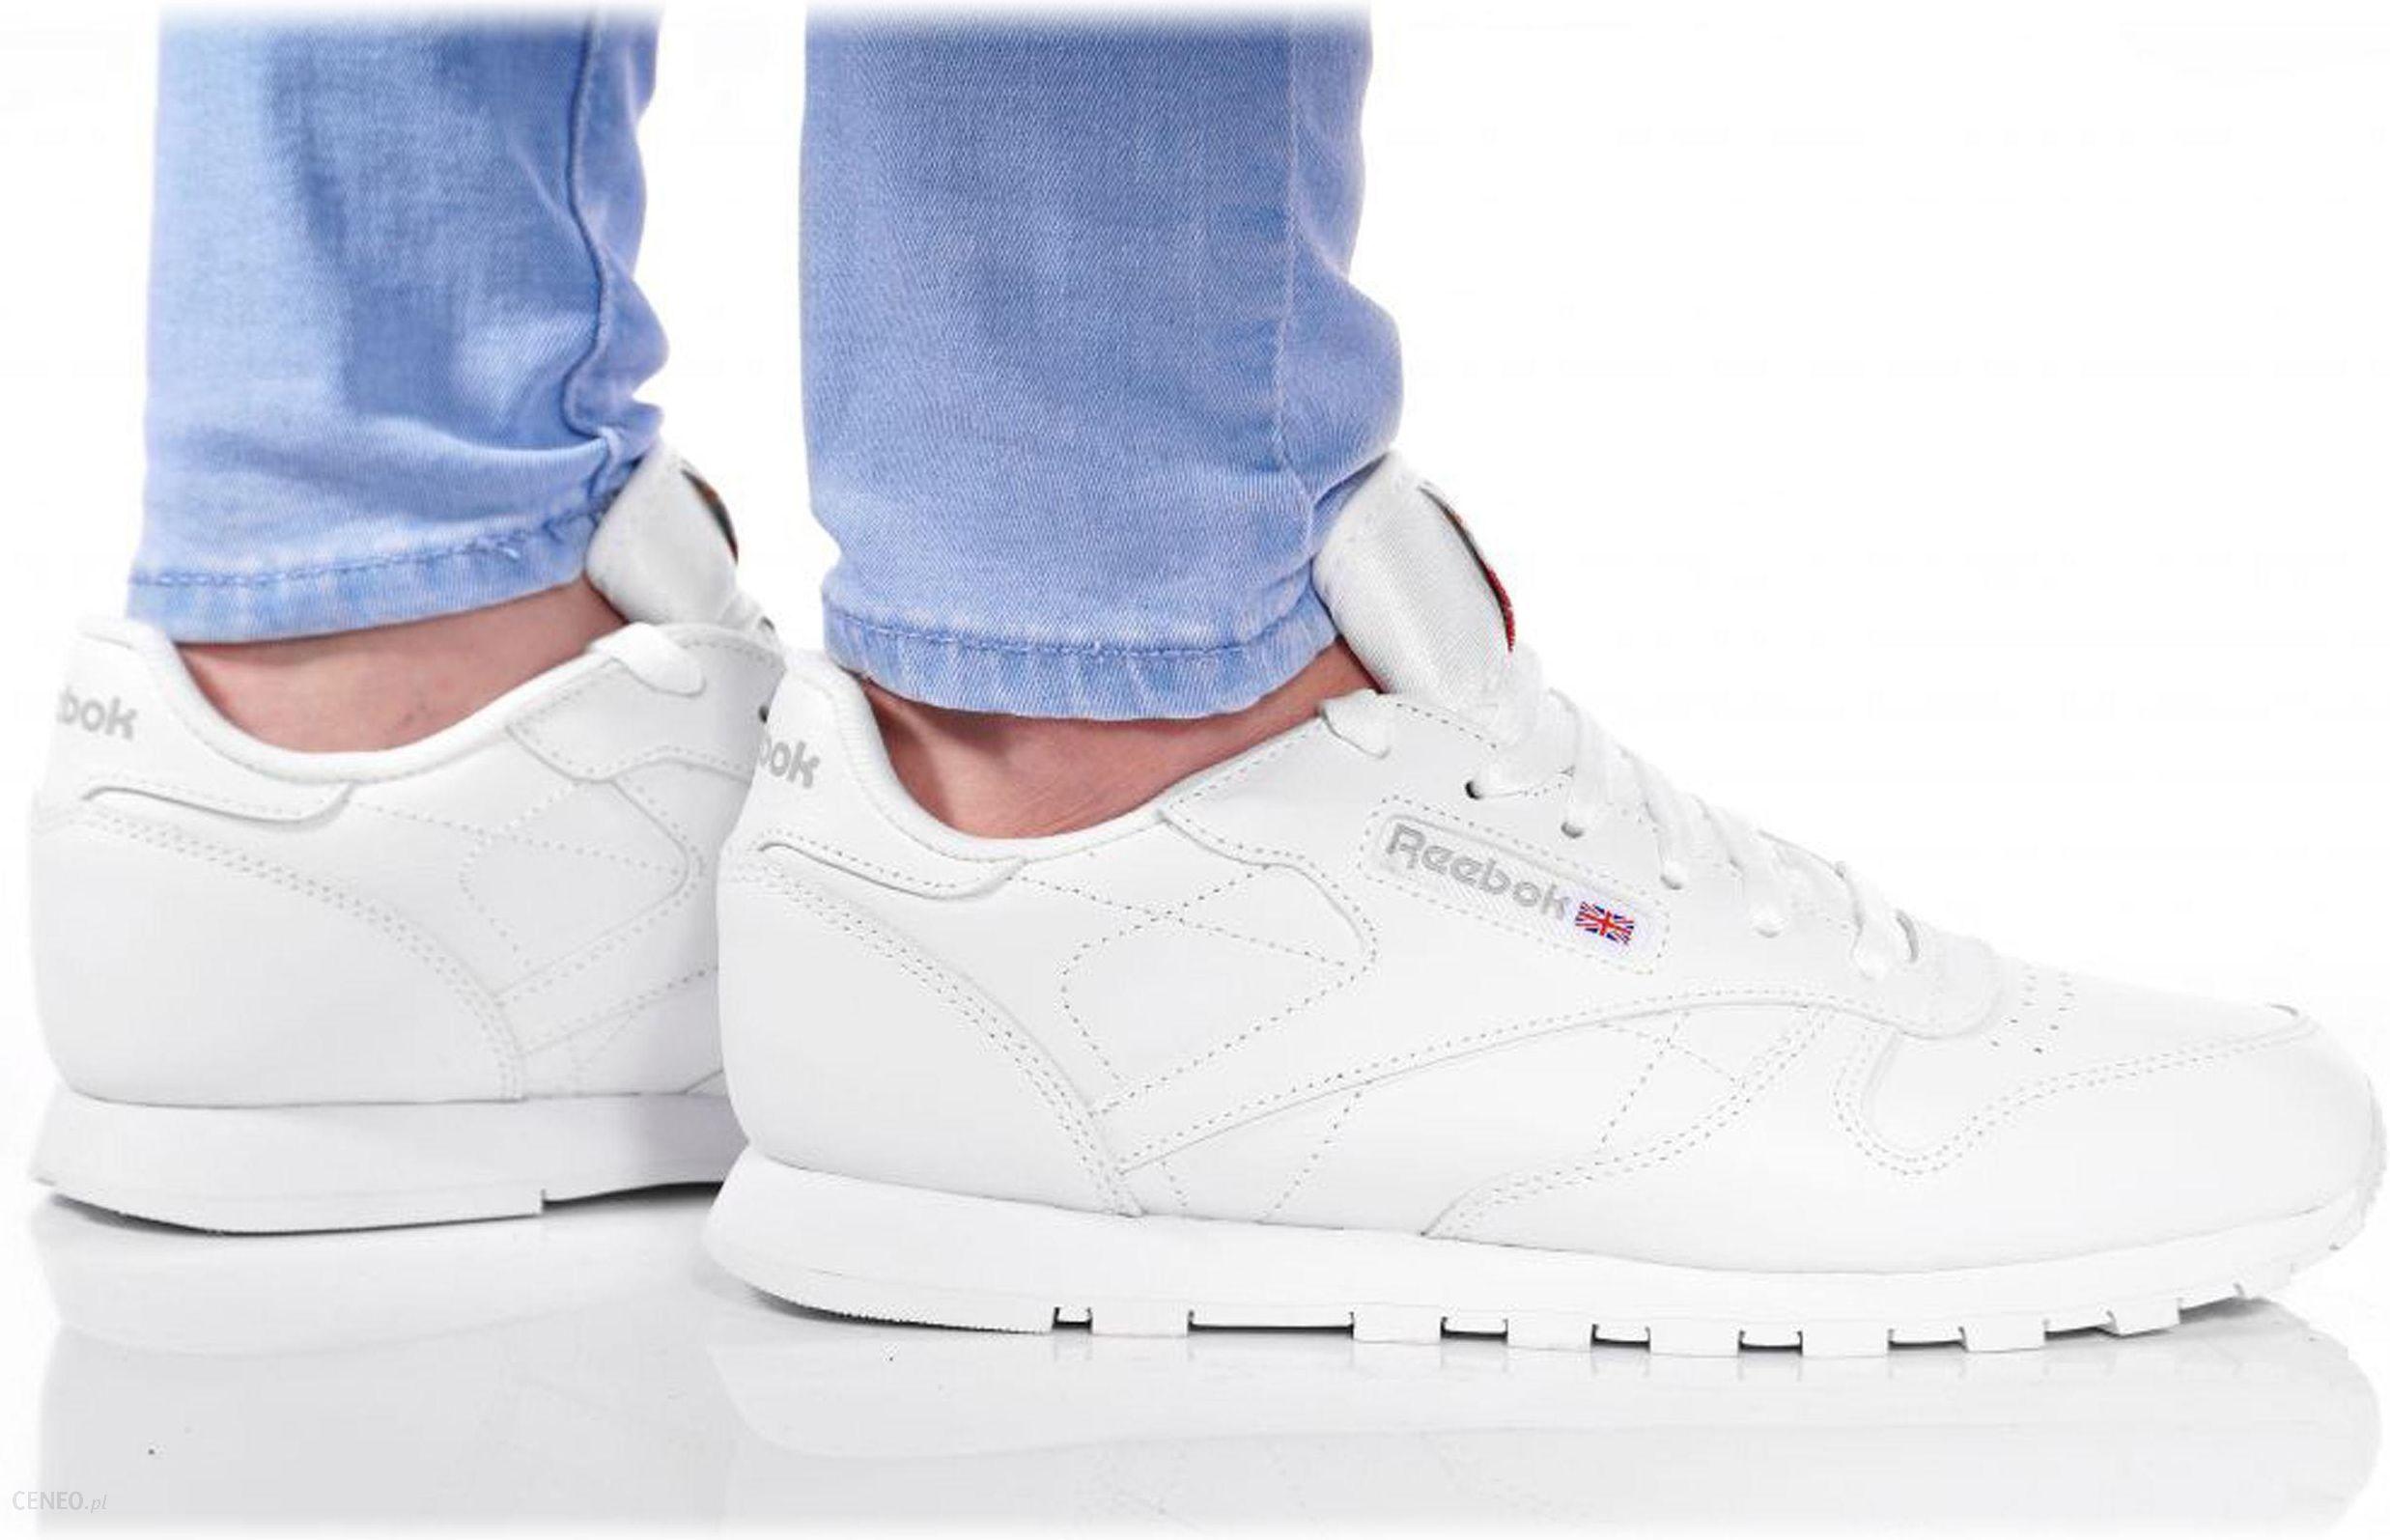 Reebok Classic Buty Pyro Reebook Classic Sneakersy damskie białe w